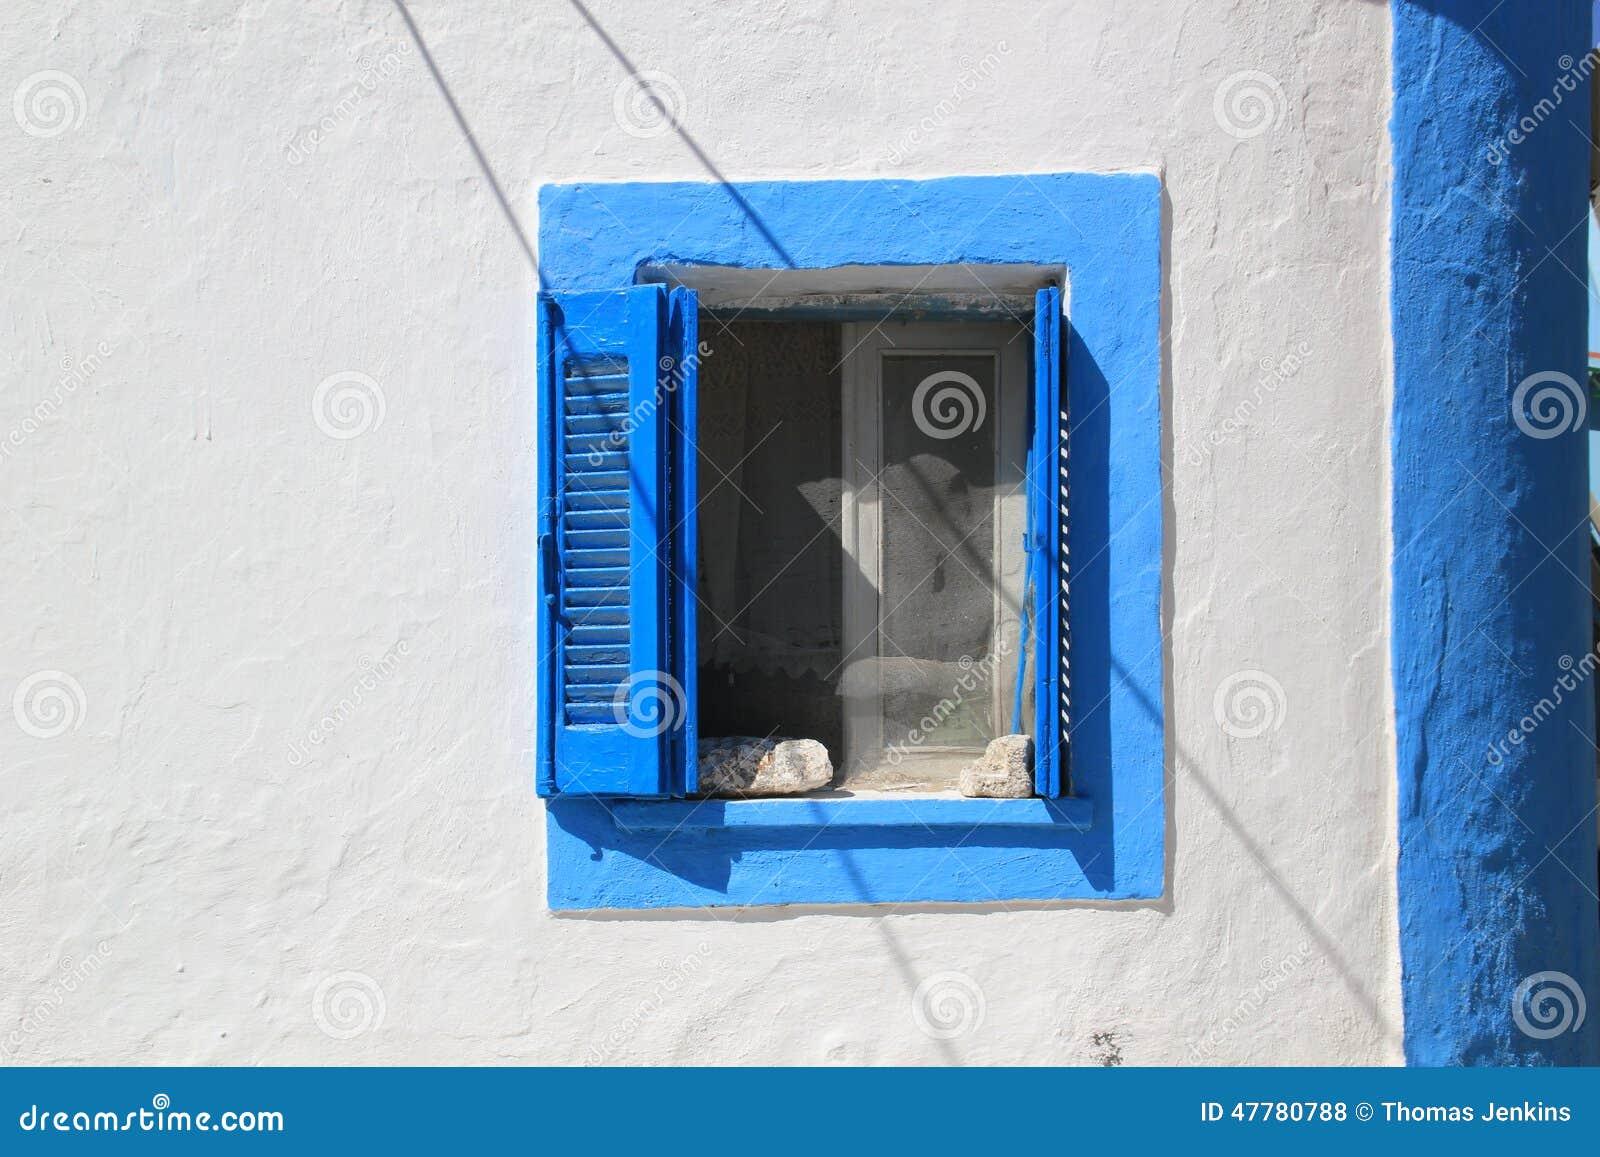 Fen tre volets bleue et blanche dans le mur sur l 39 le for Fenetre qui rentre dans le mur